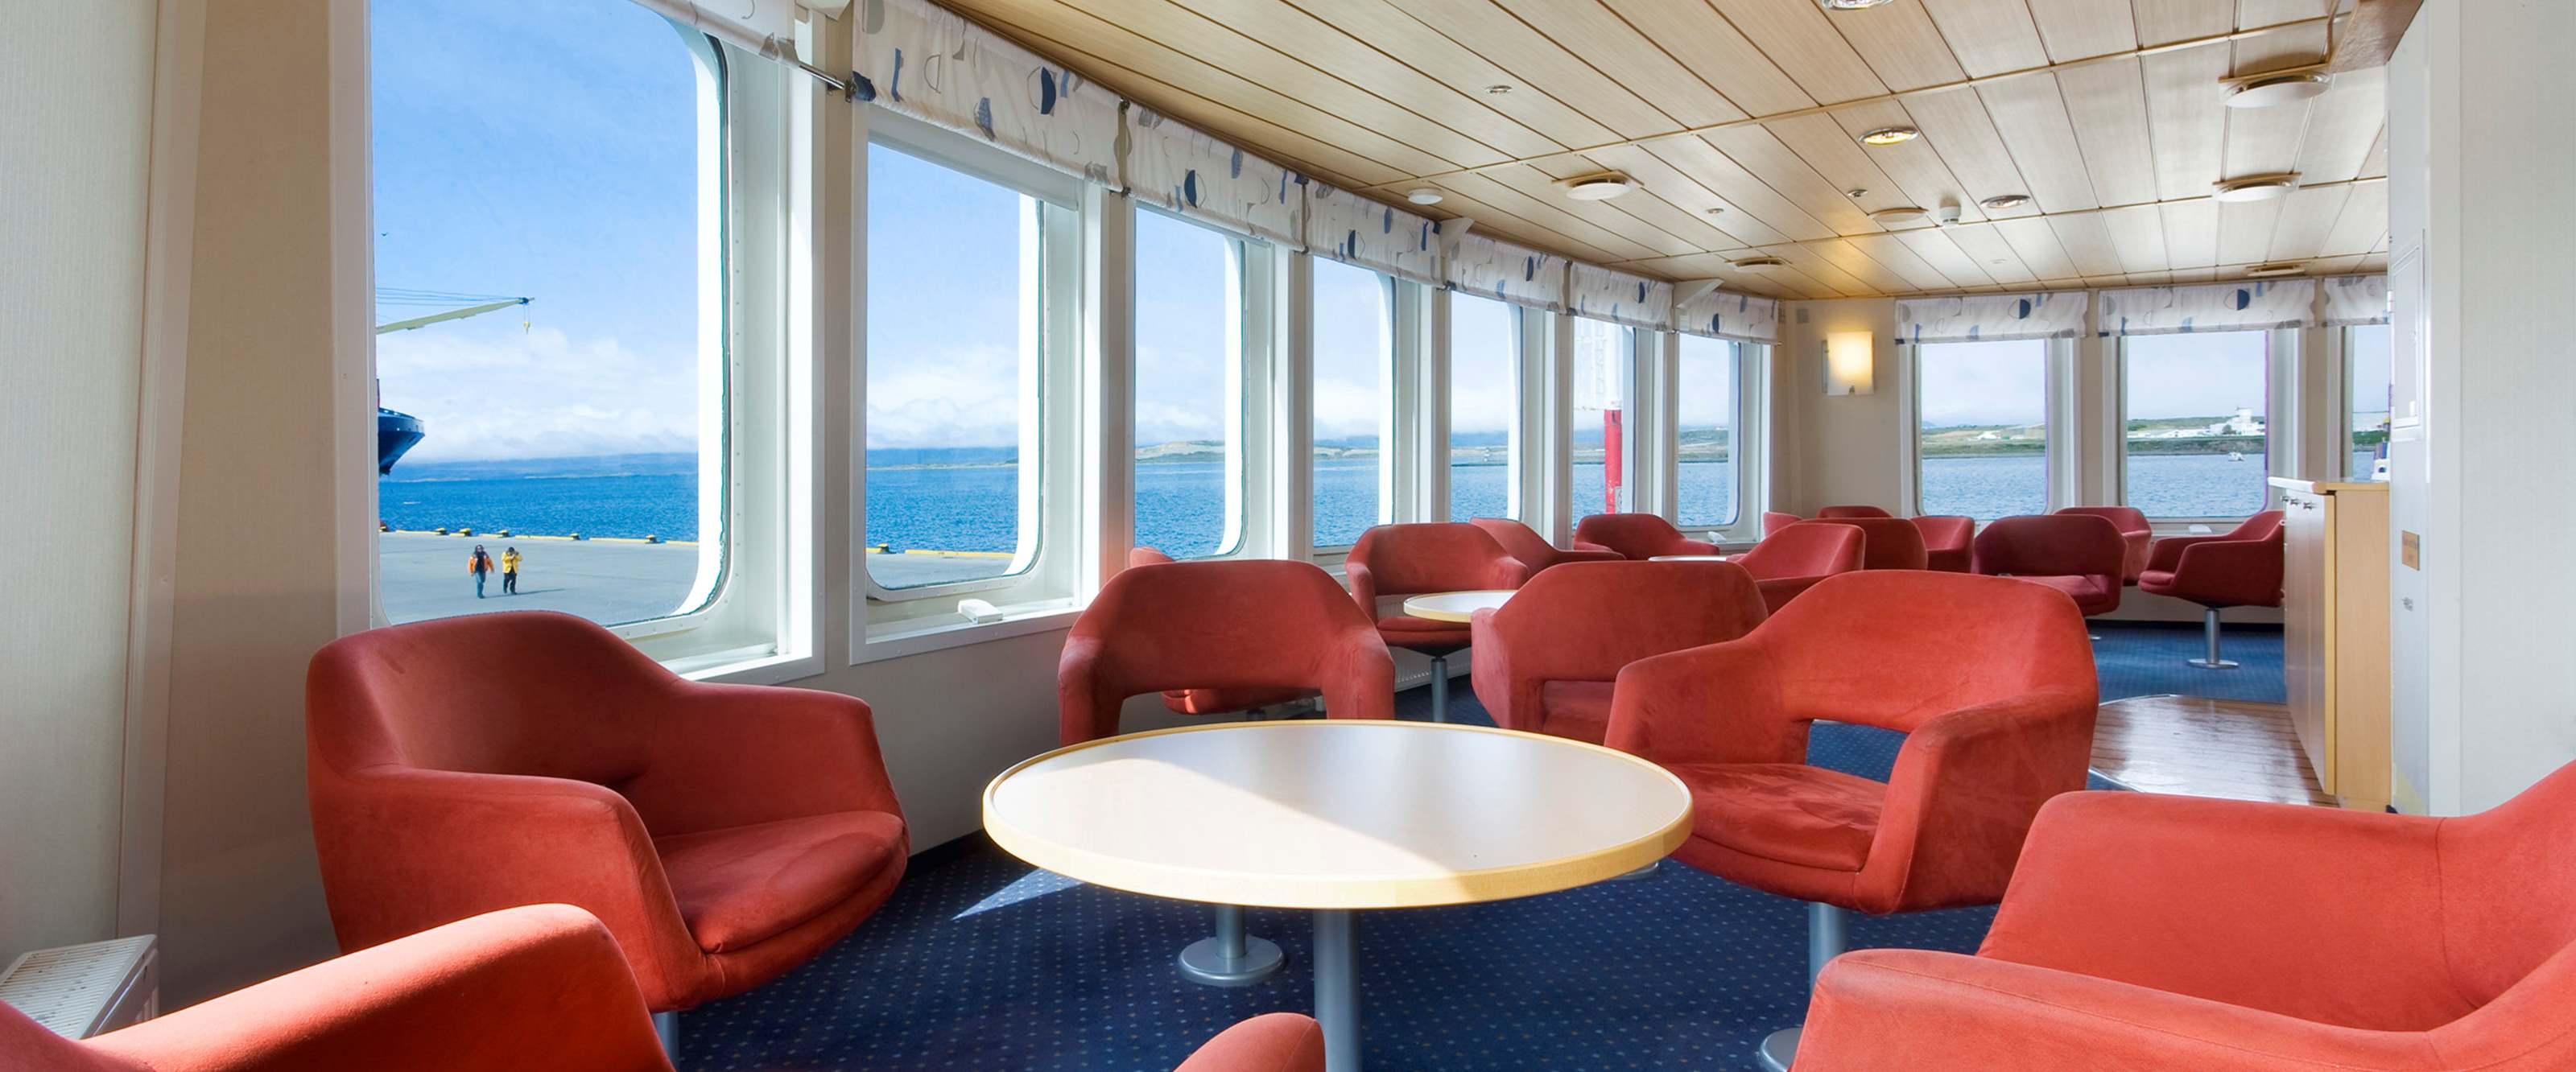 Ocean Nova Observation Lounge